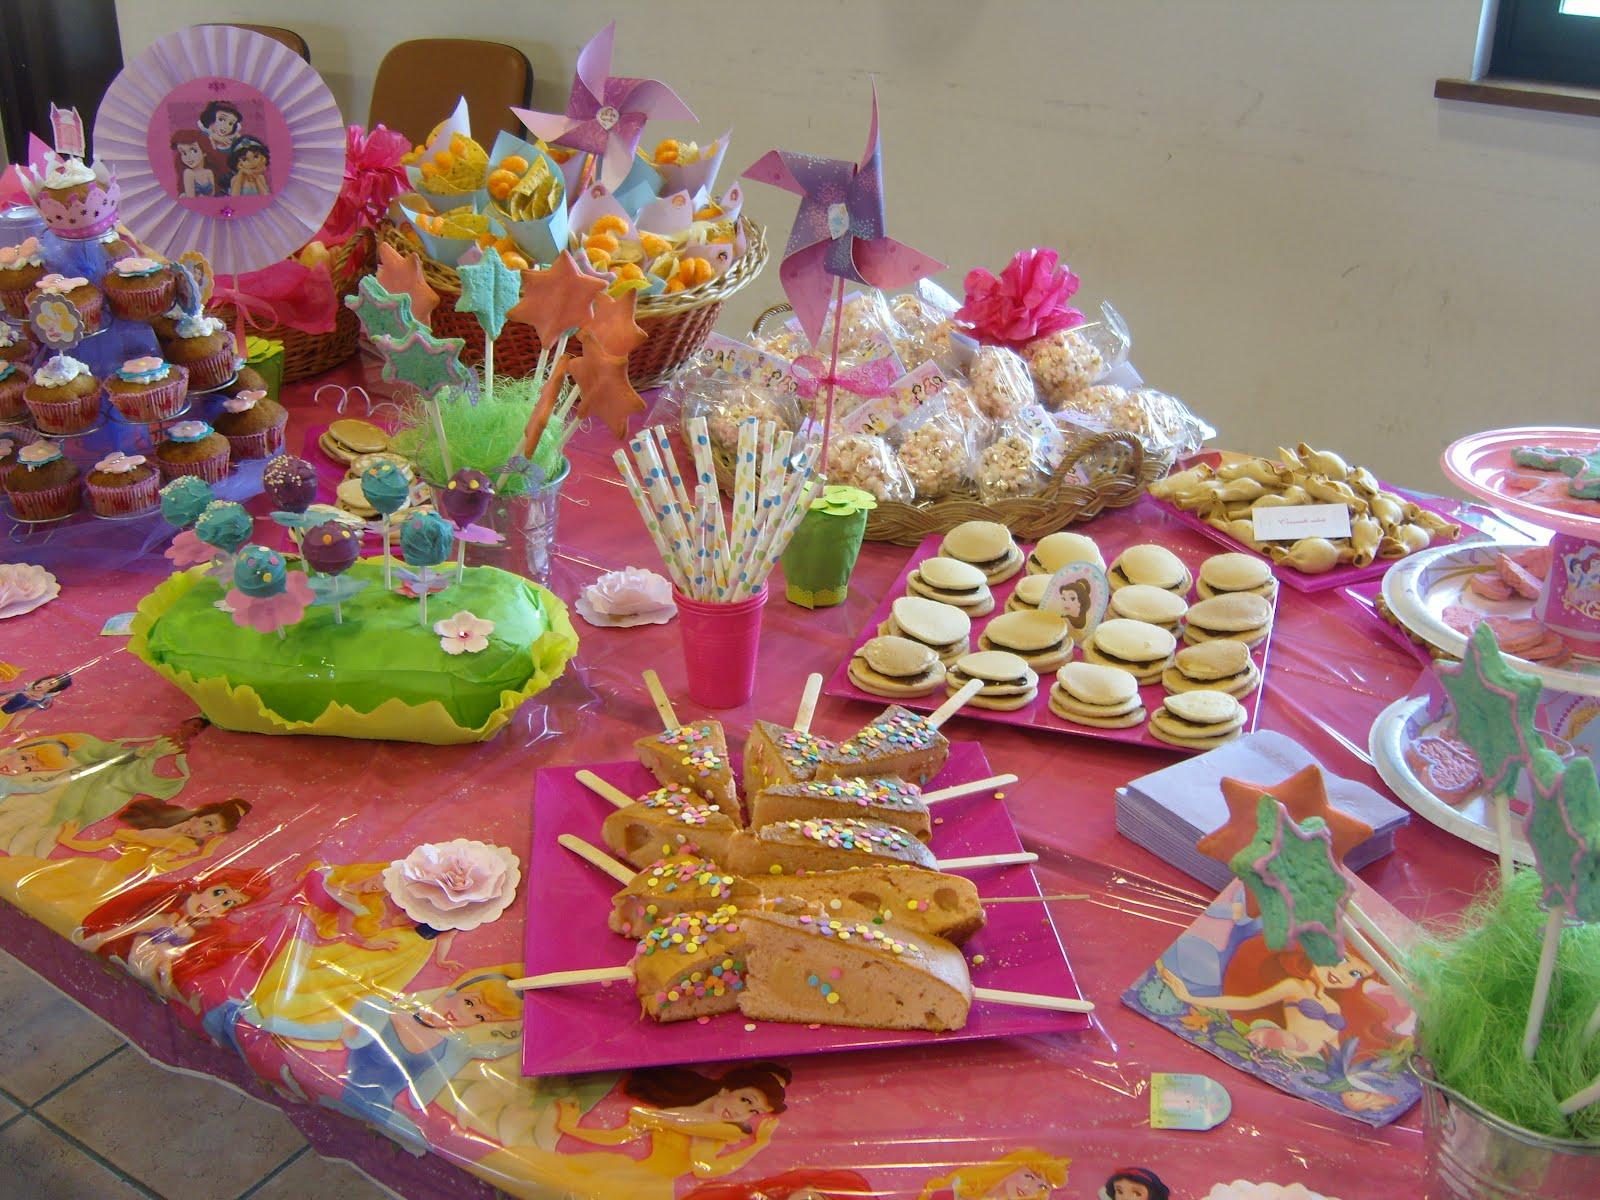 Amato Menu Feste Compleanno Bambini BX42 » Regardsdefemmes QV32